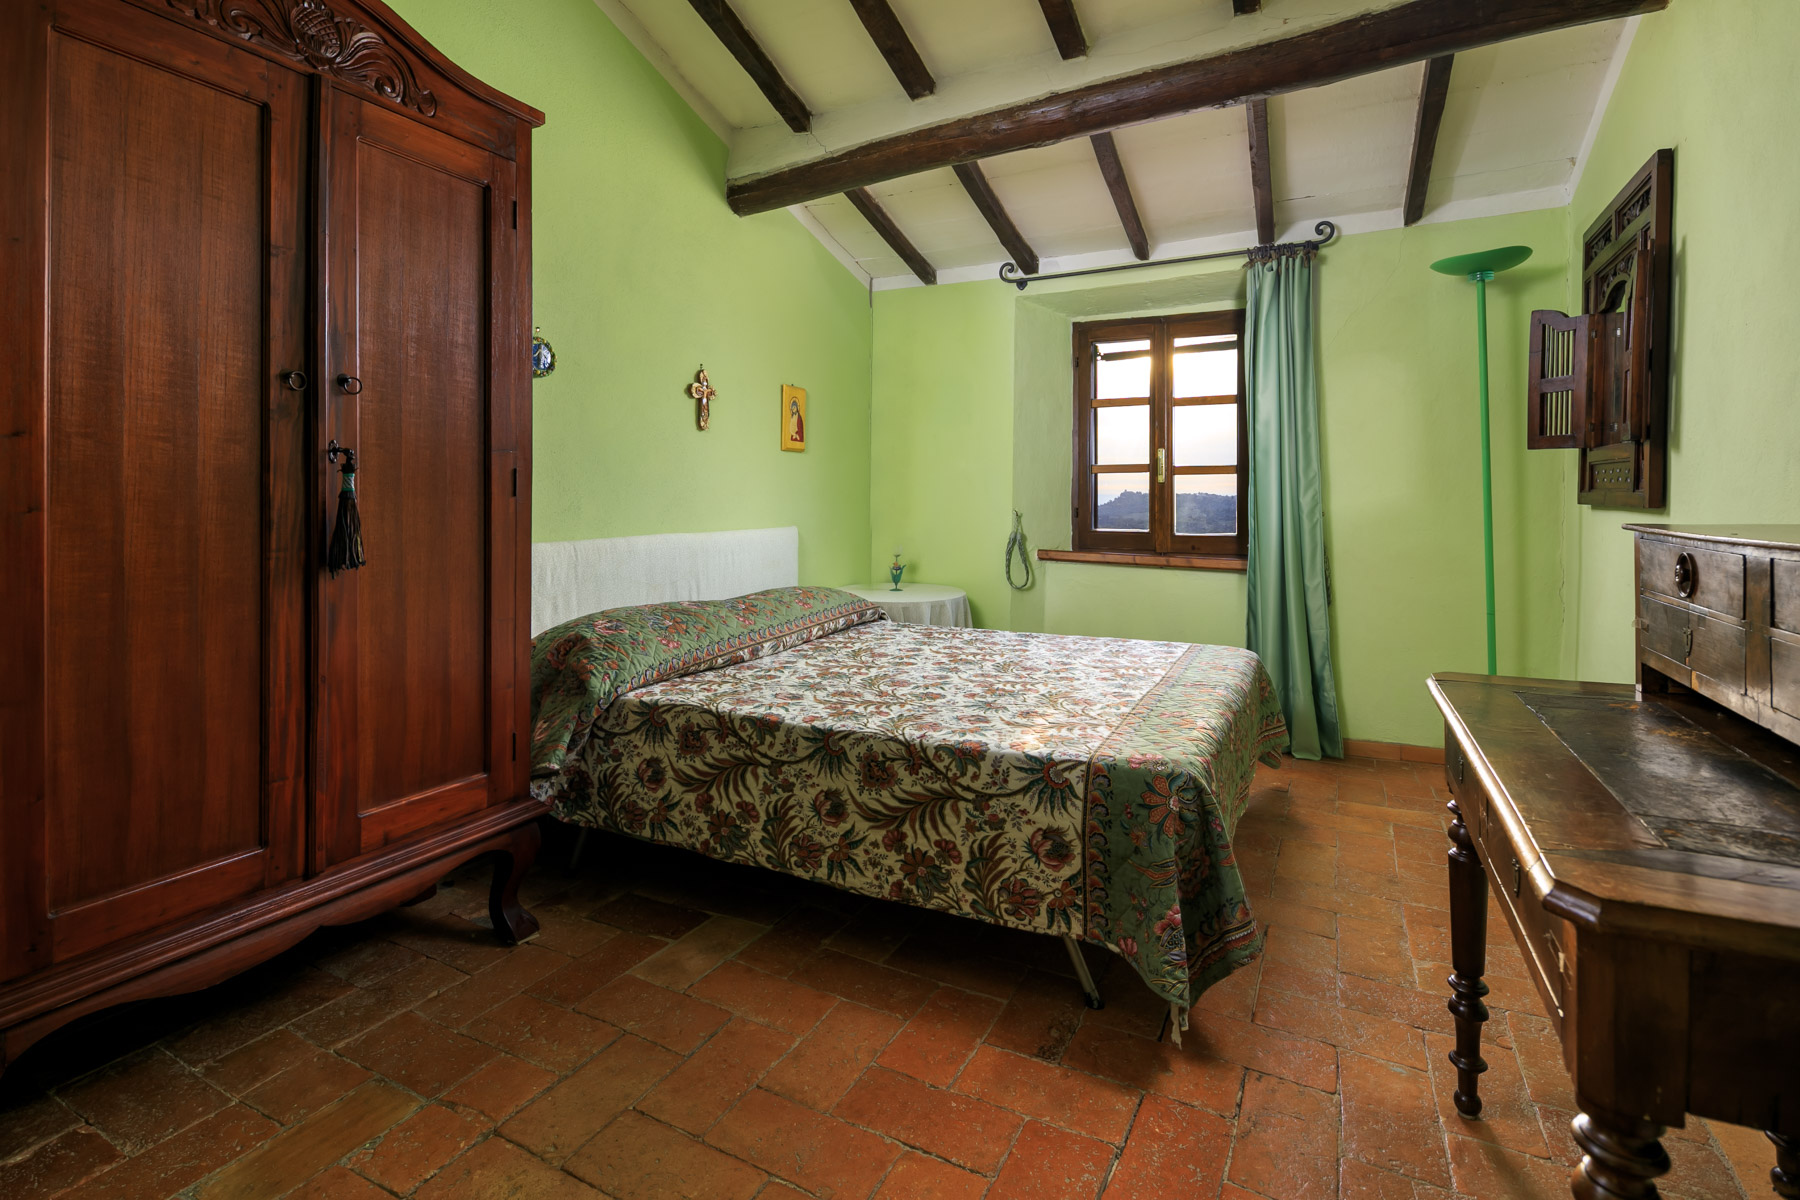 Rustico in Vendita a Manciano: 5 locali, 500 mq - Foto 19